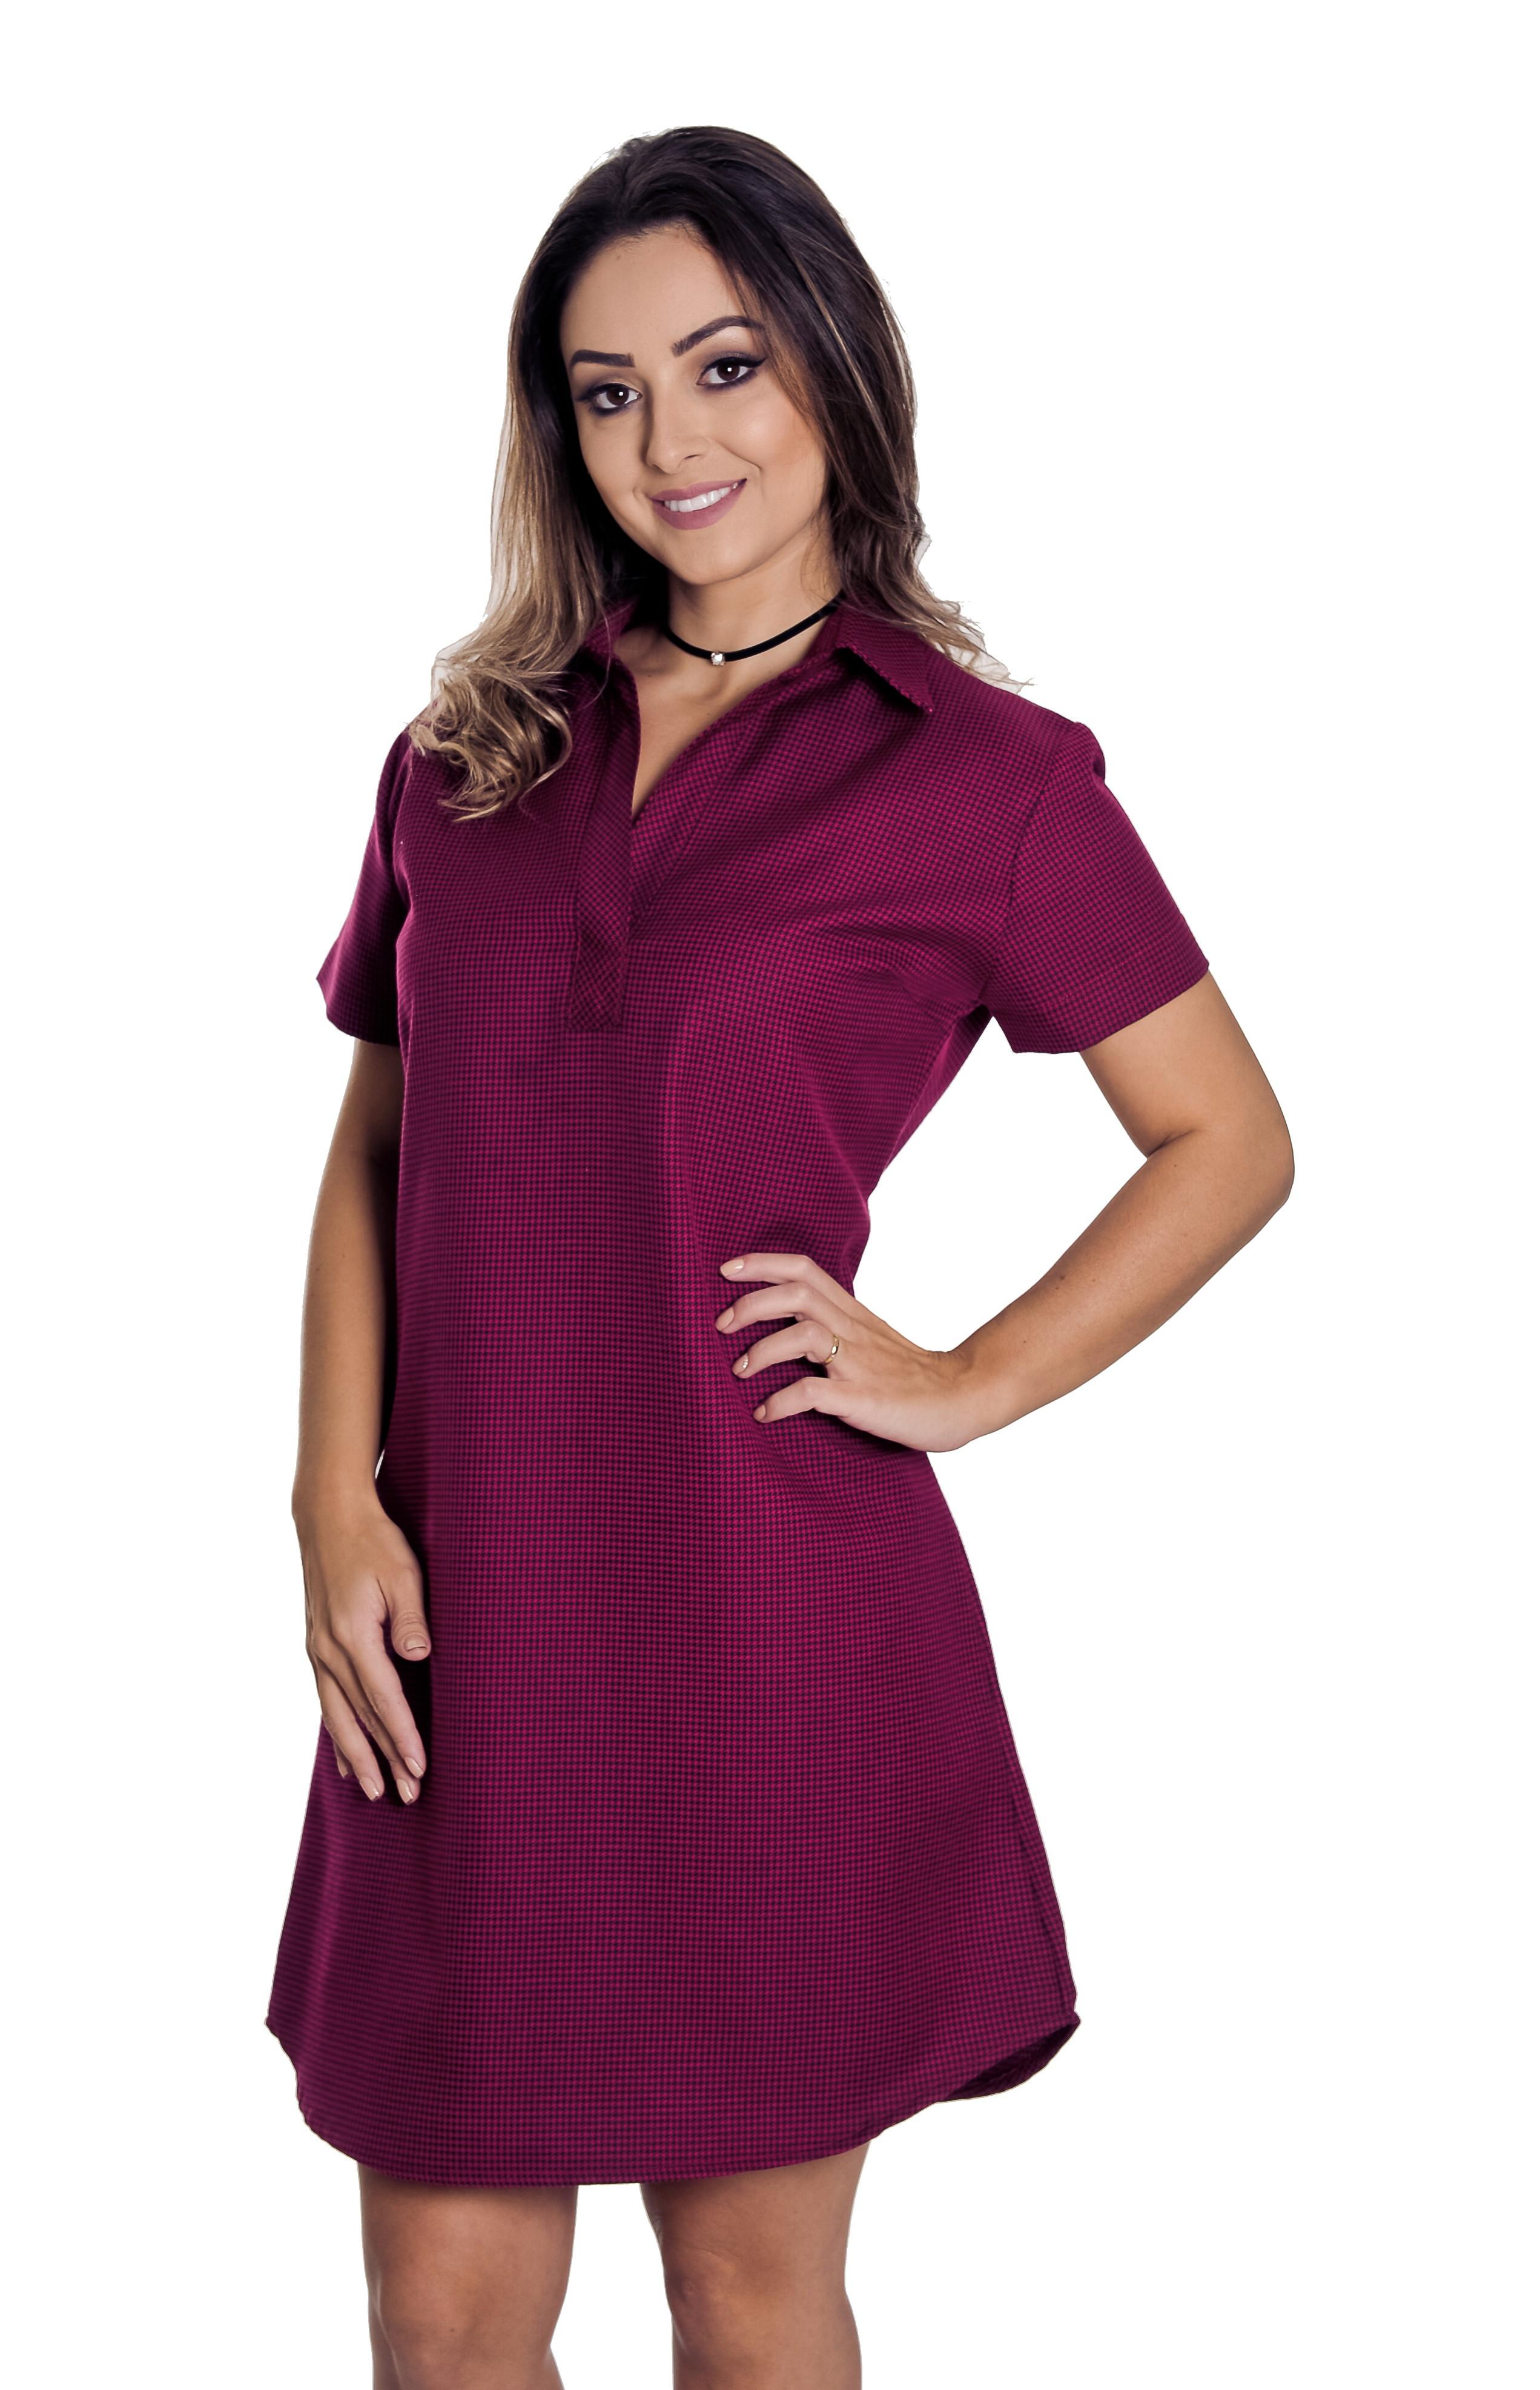 Camisa Feminina Paolla - Pimenta Rosada no Elo7  d353106758c73